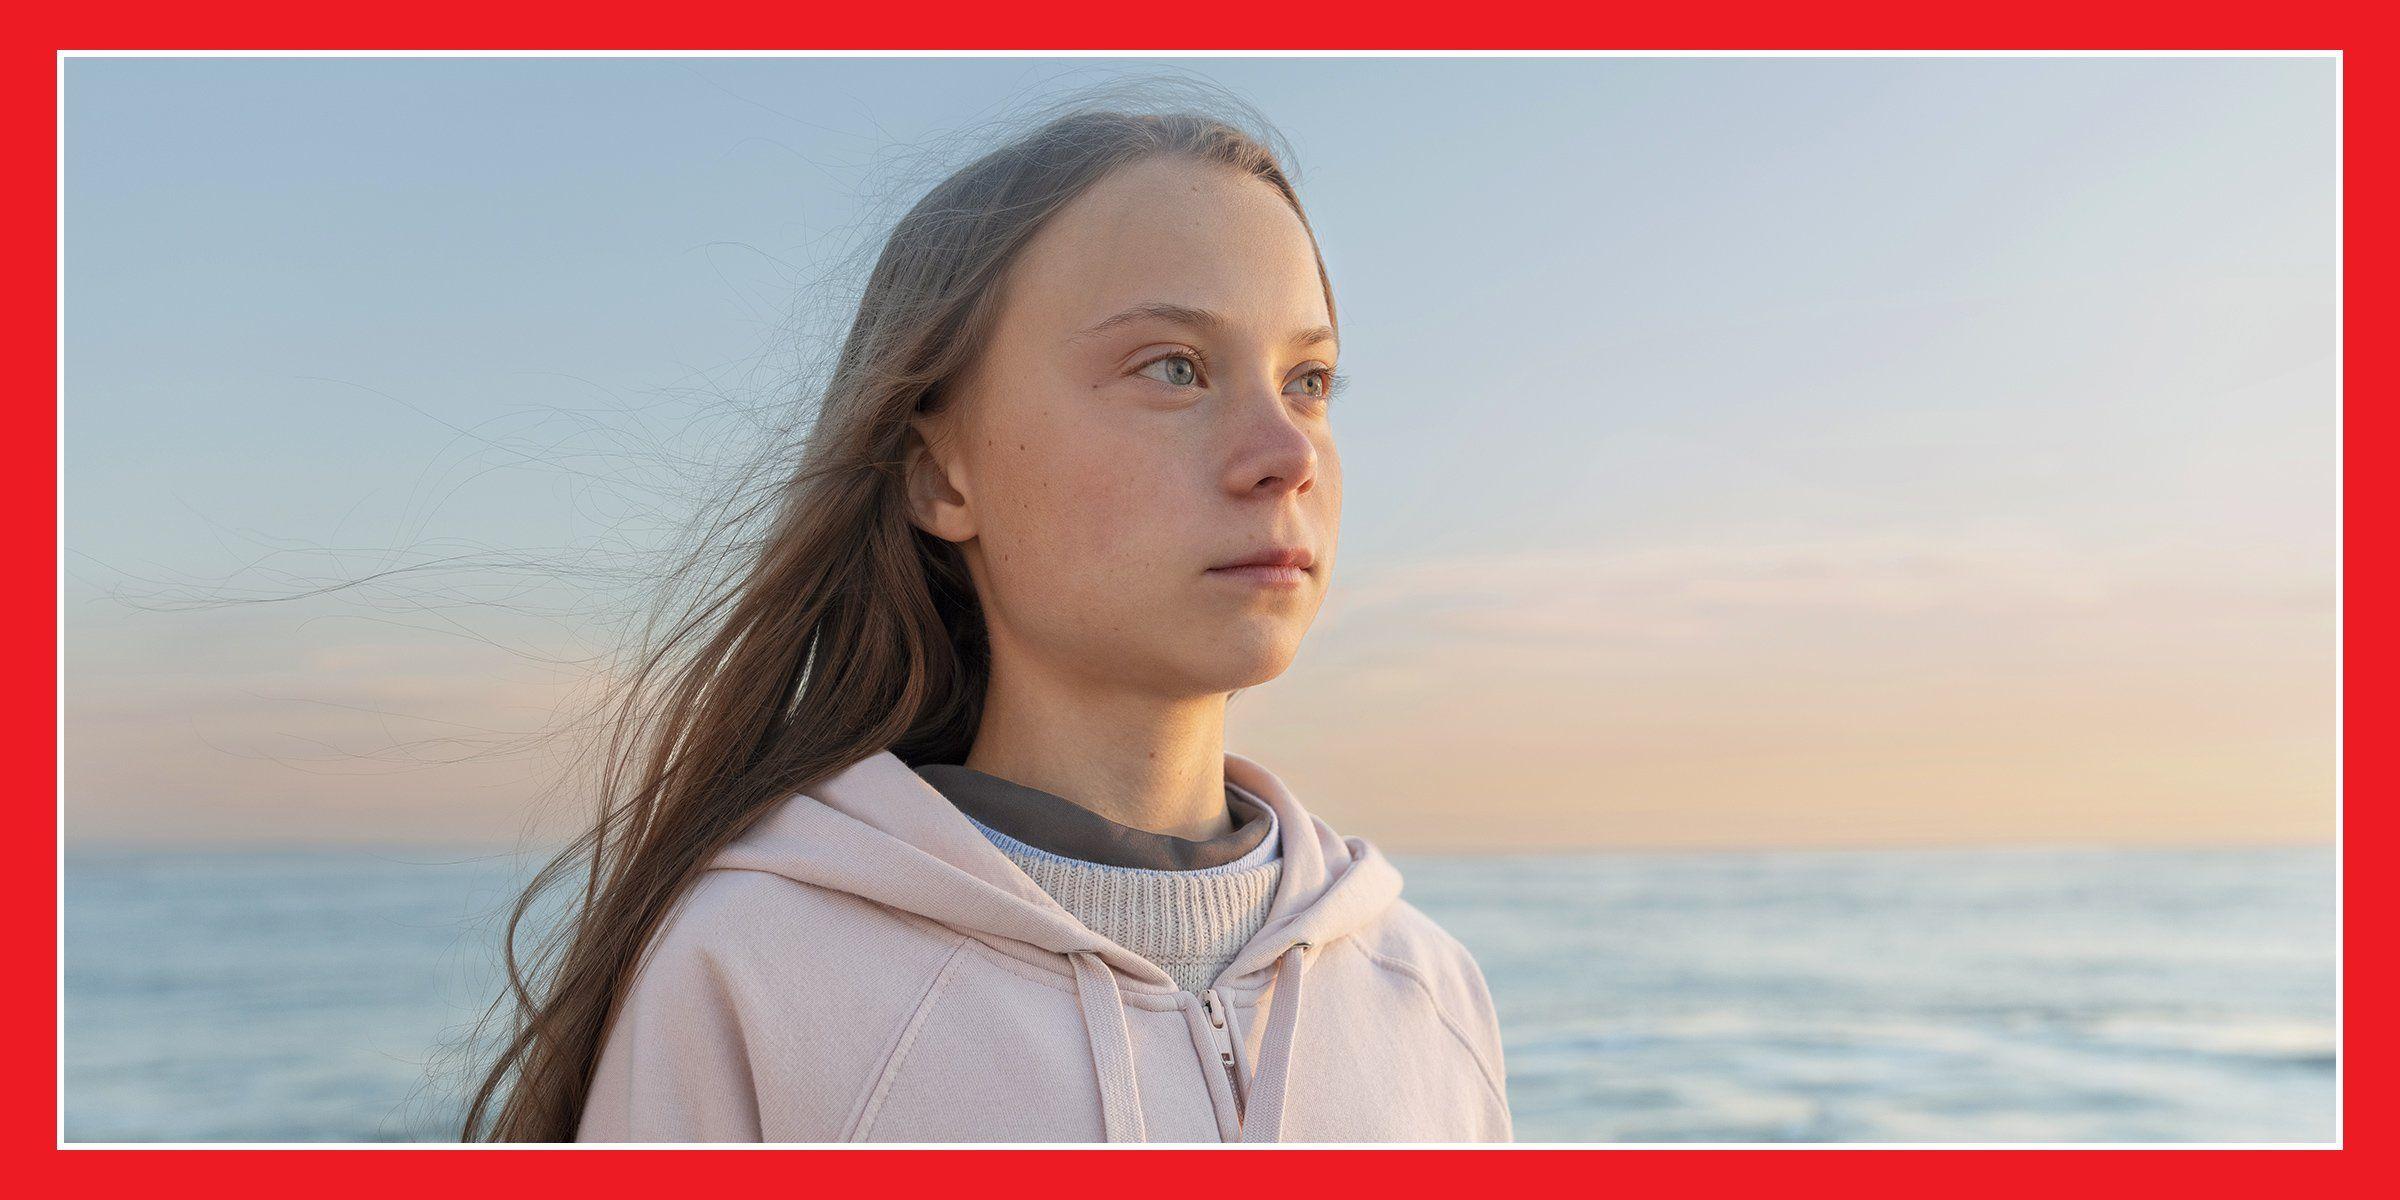 Greta, Time dergisi tarafından yılın kişisi seçildi